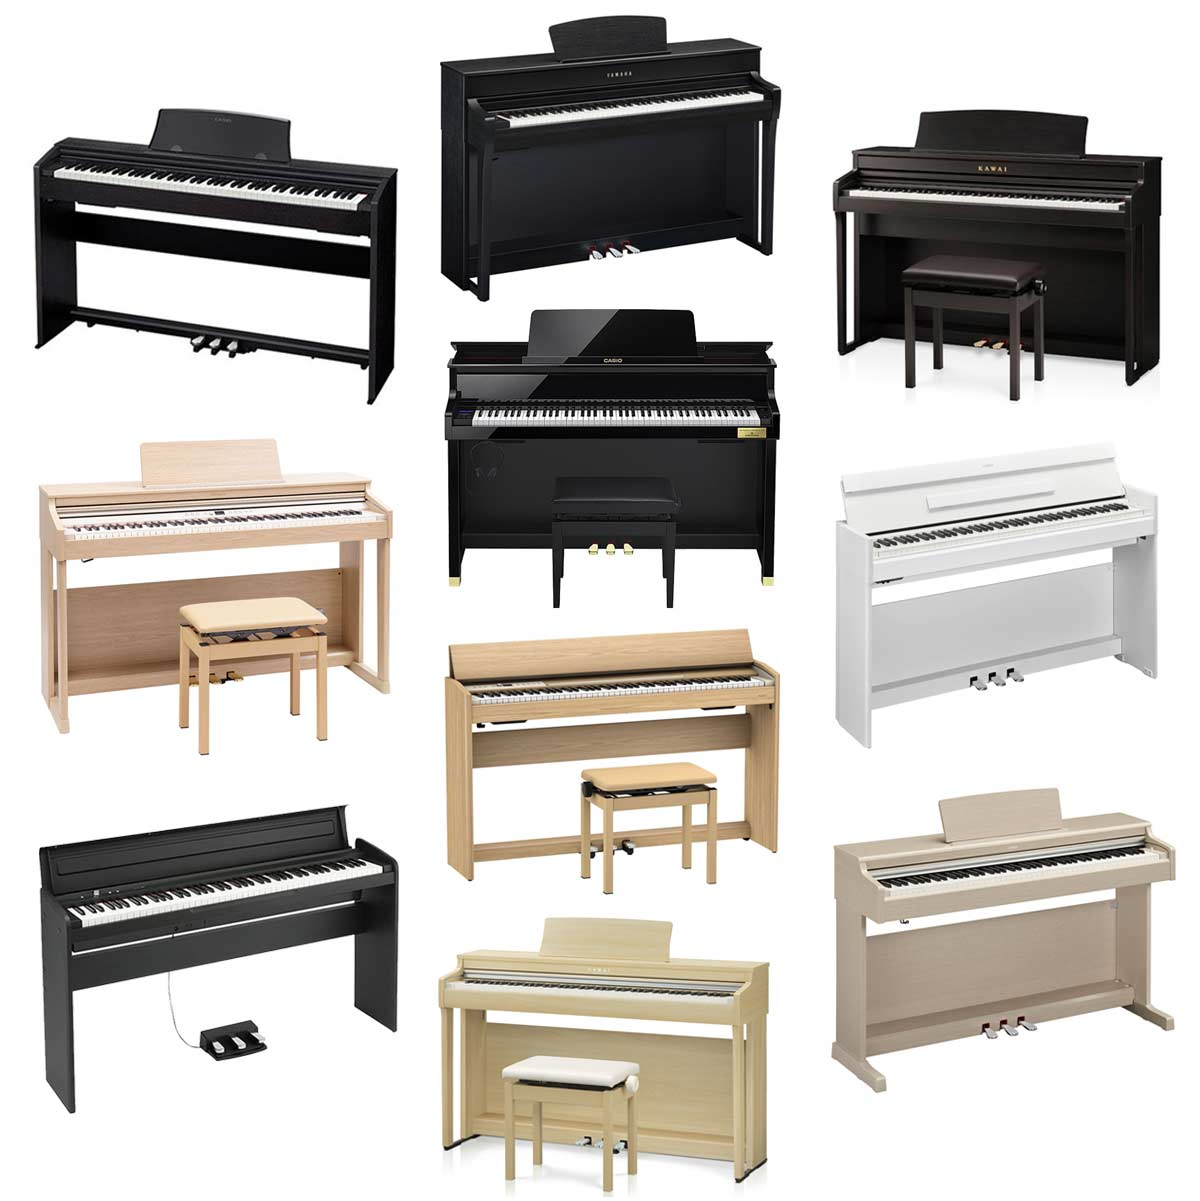 《2018年》おすすめの電子ピアノ10選! 初心者向けから本格派モデルまで